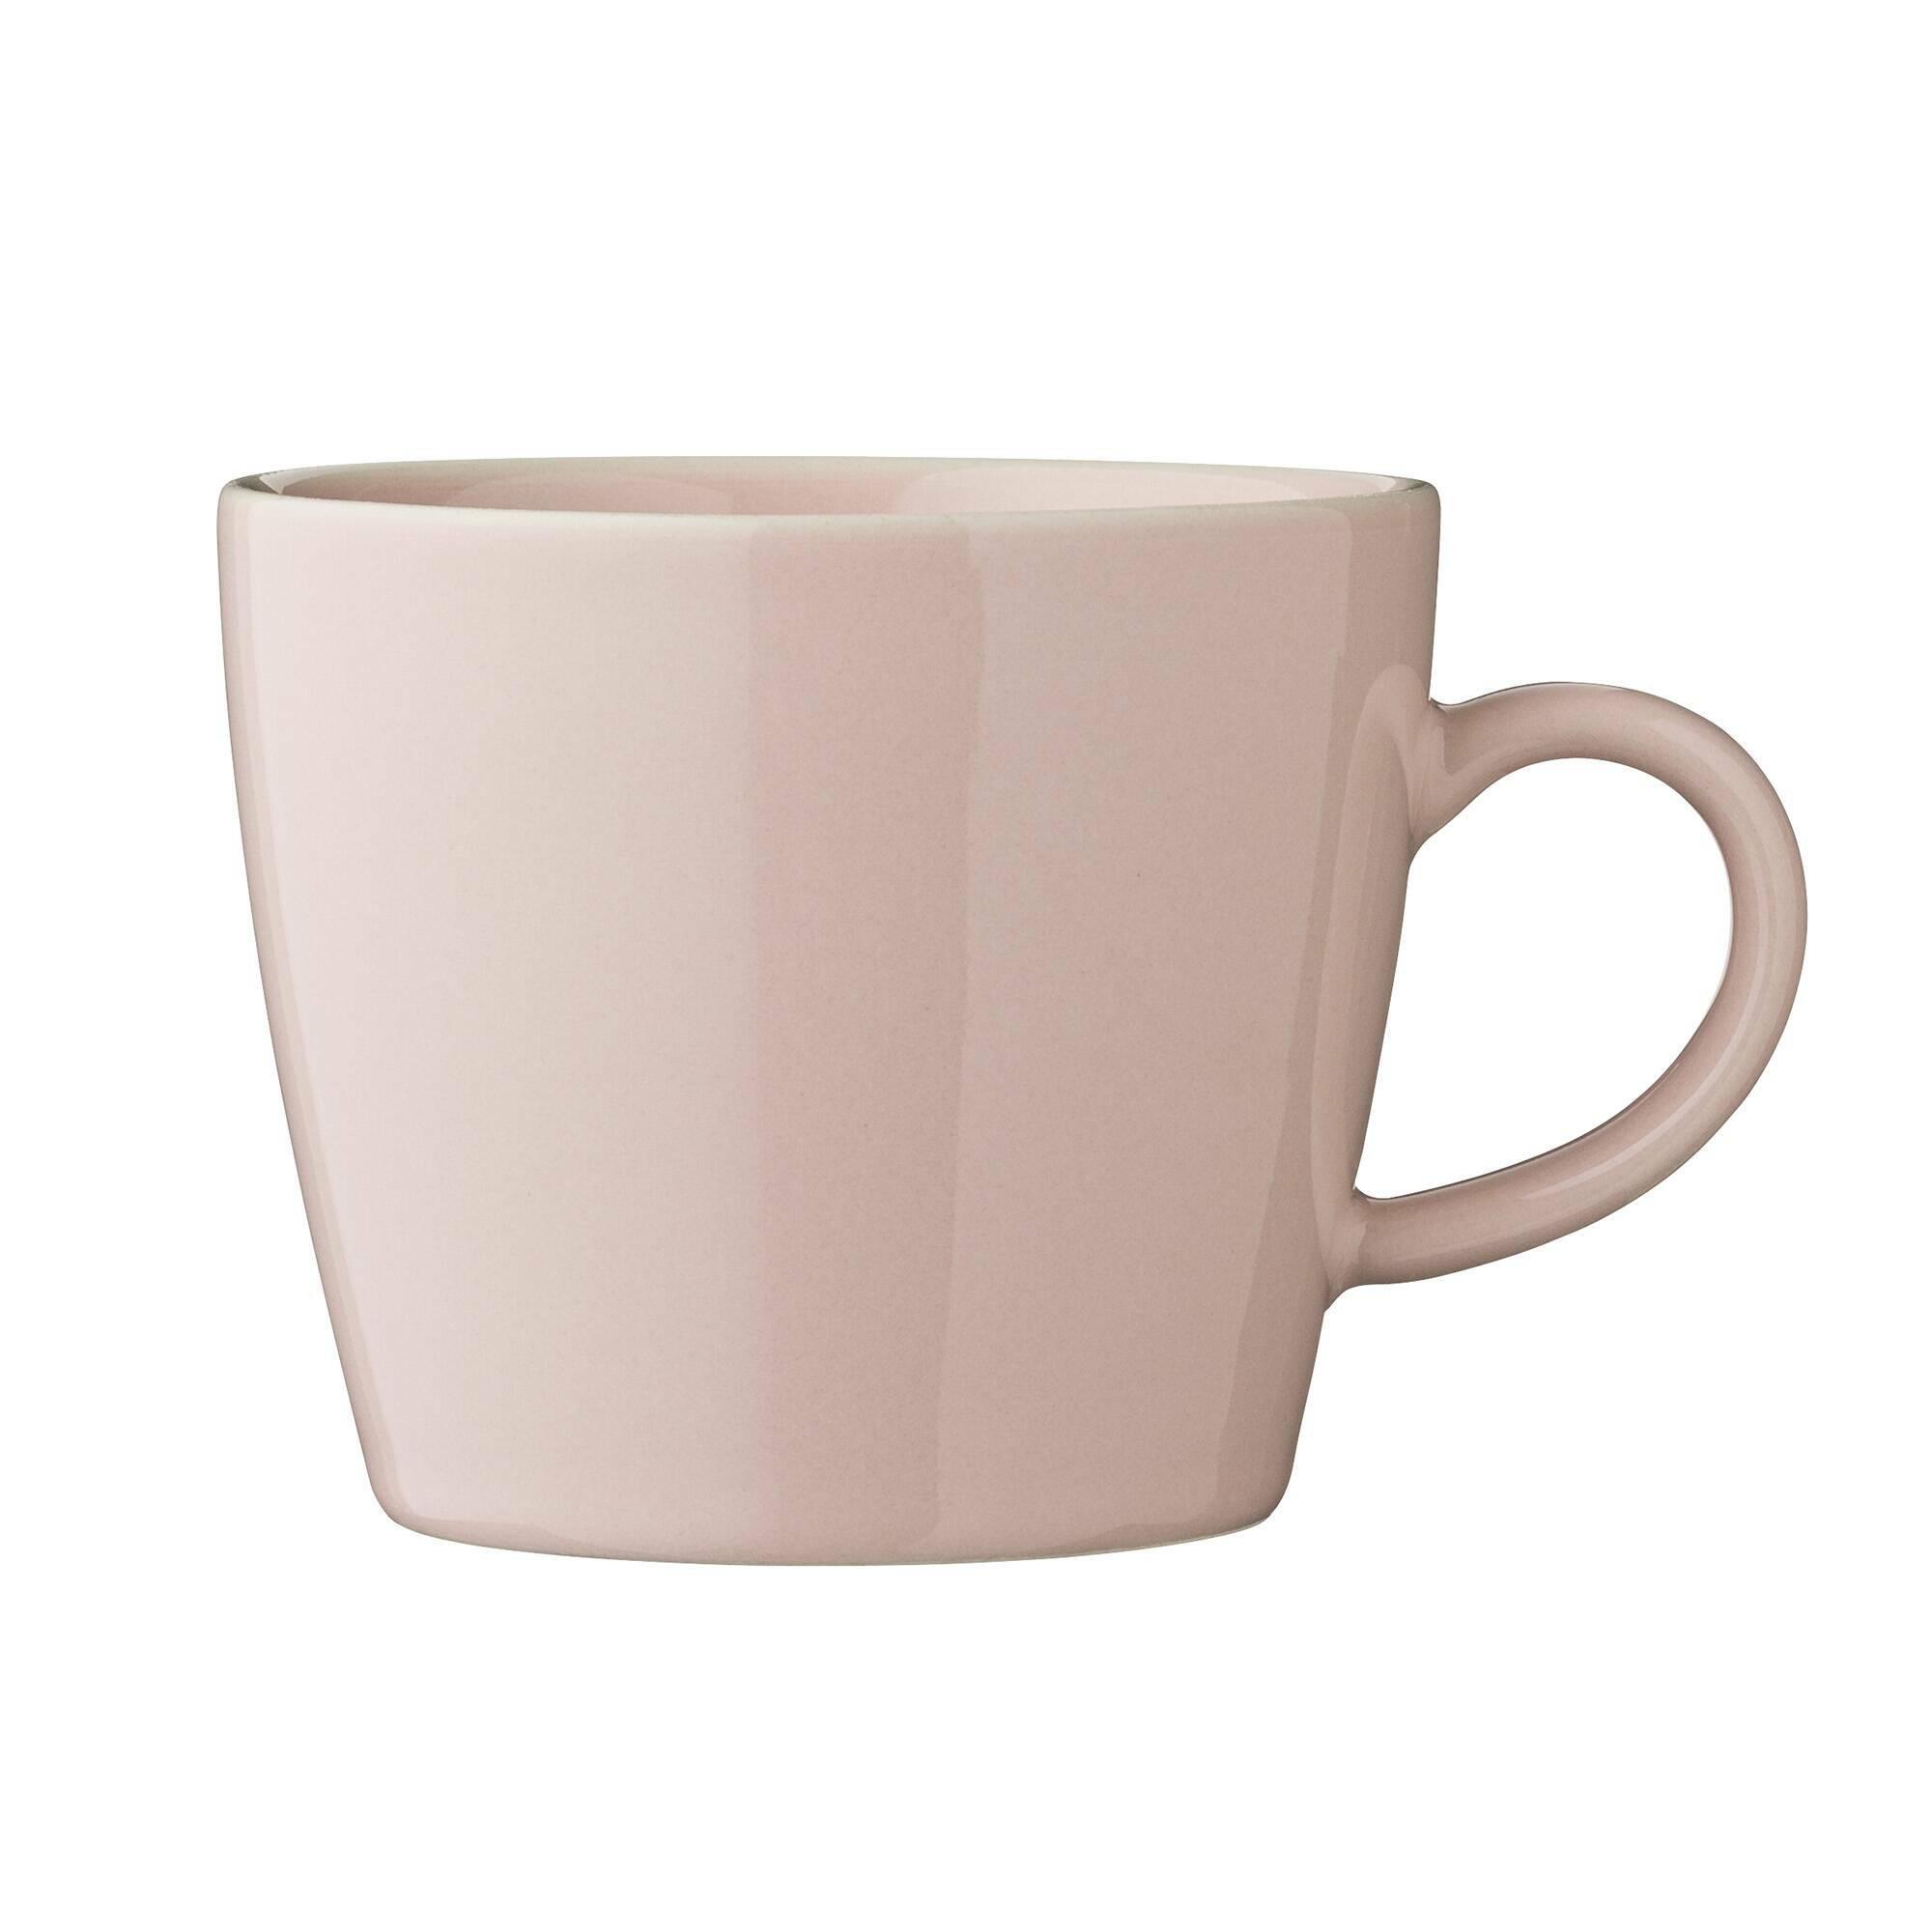 Купить Кружка Bloomingville розовая, Розовый, Керамика